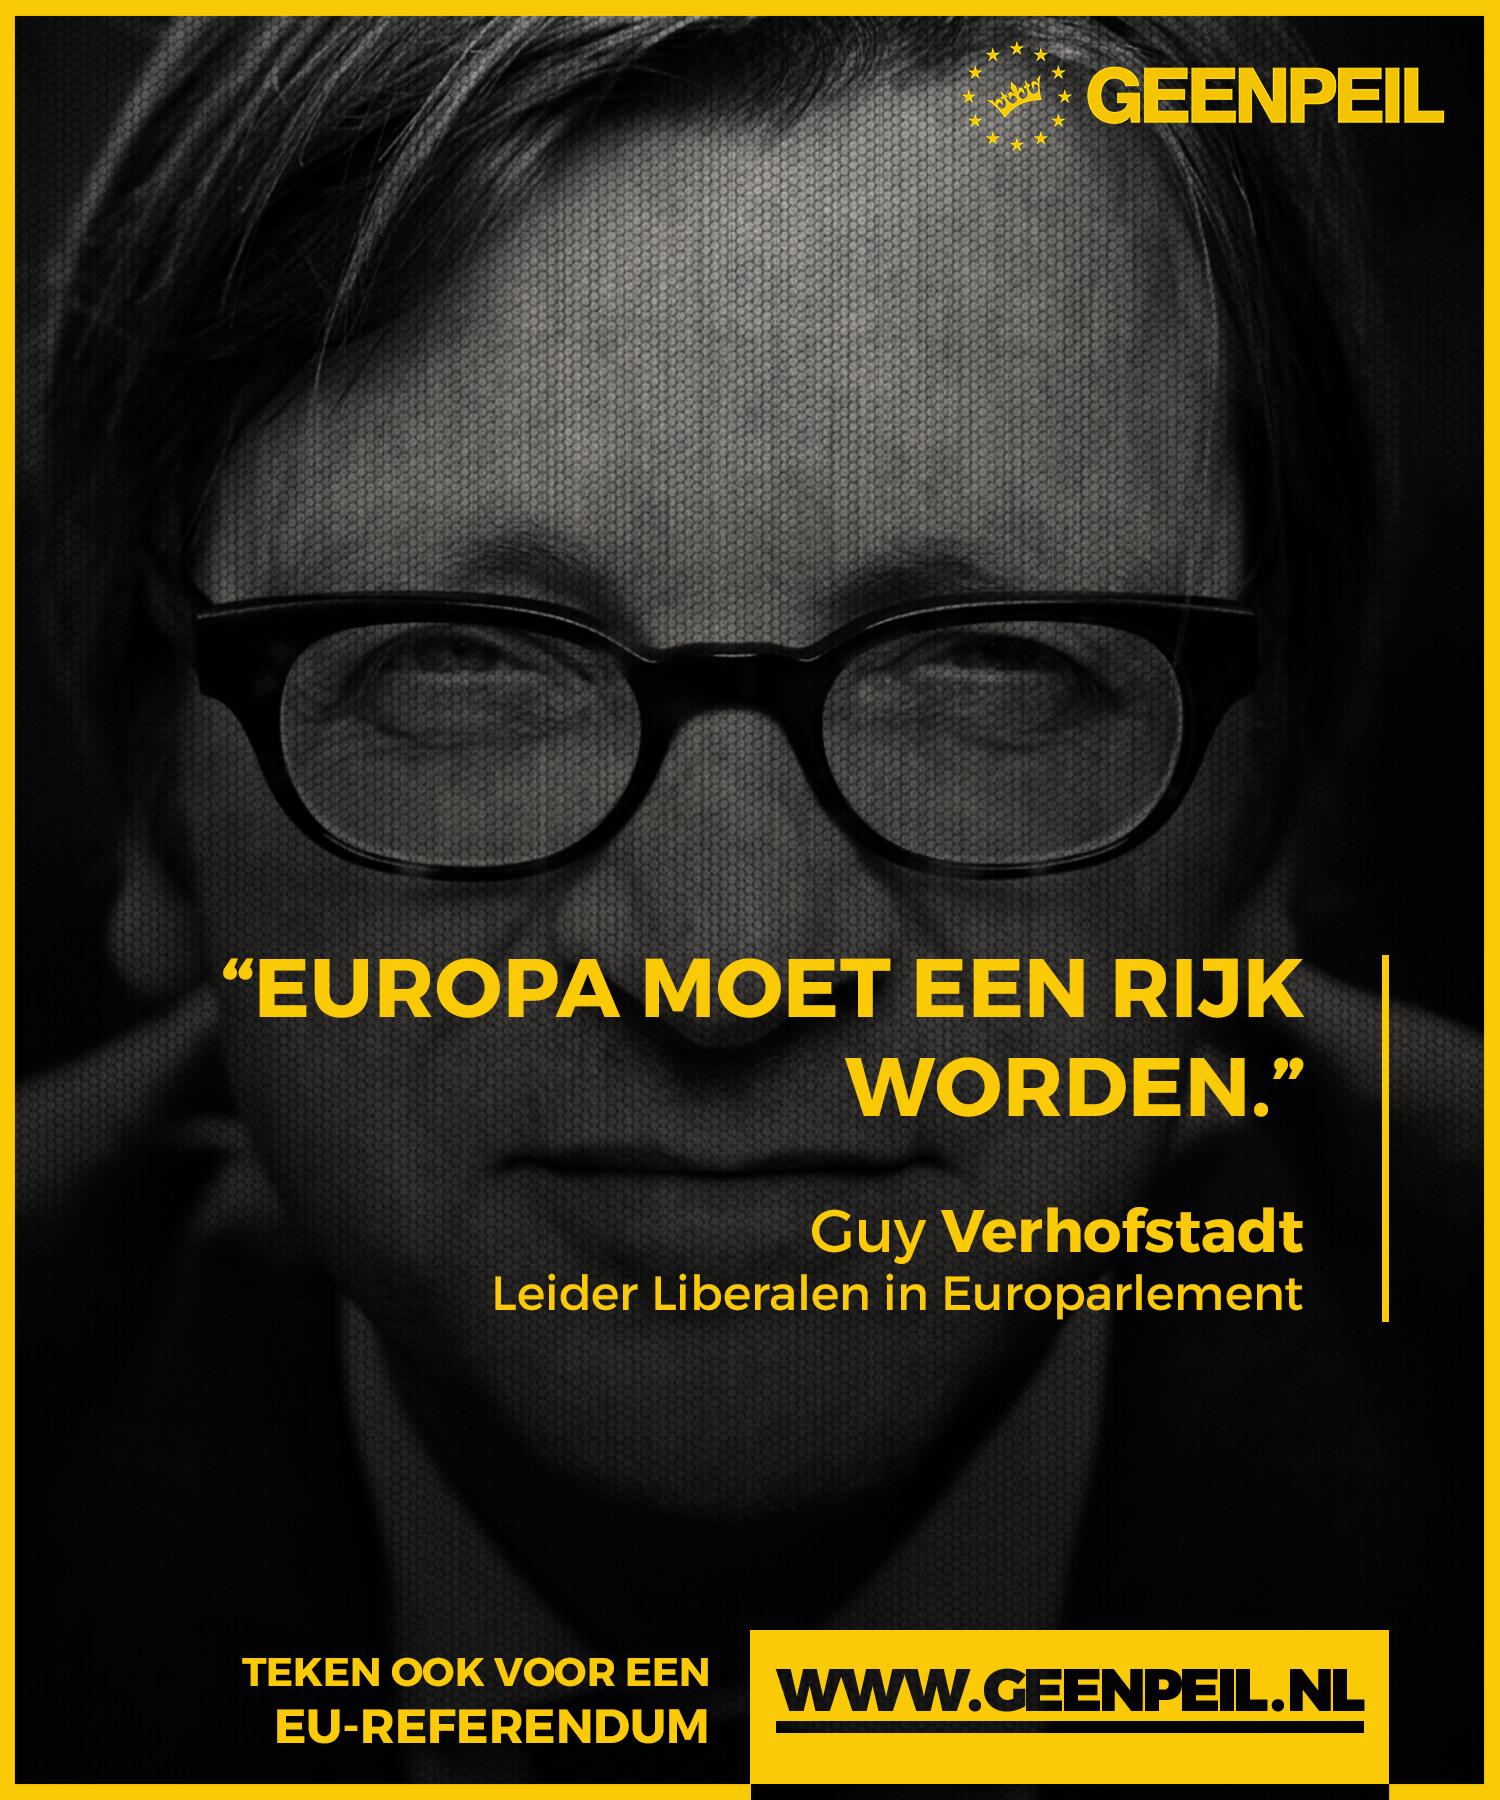 LTFlyerVerhofstadt